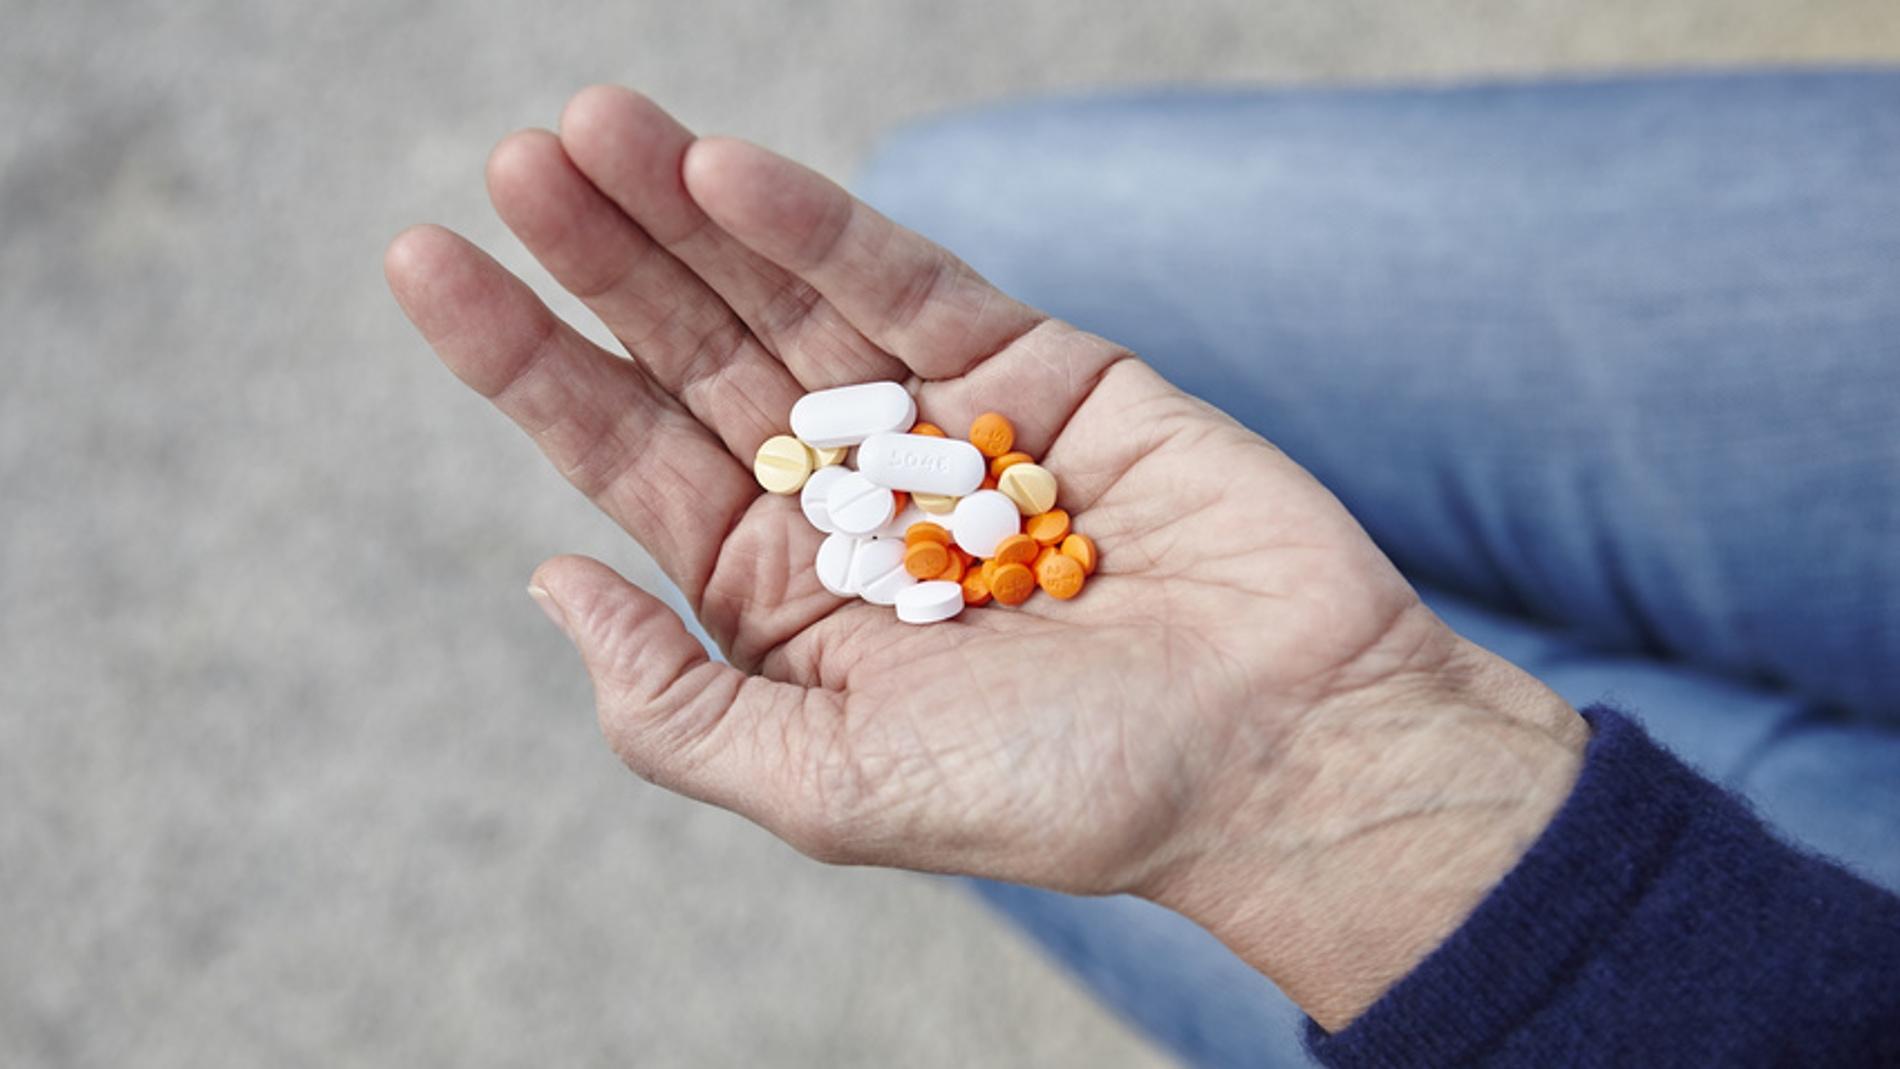 El abuso de medicamentos opioides, un pr